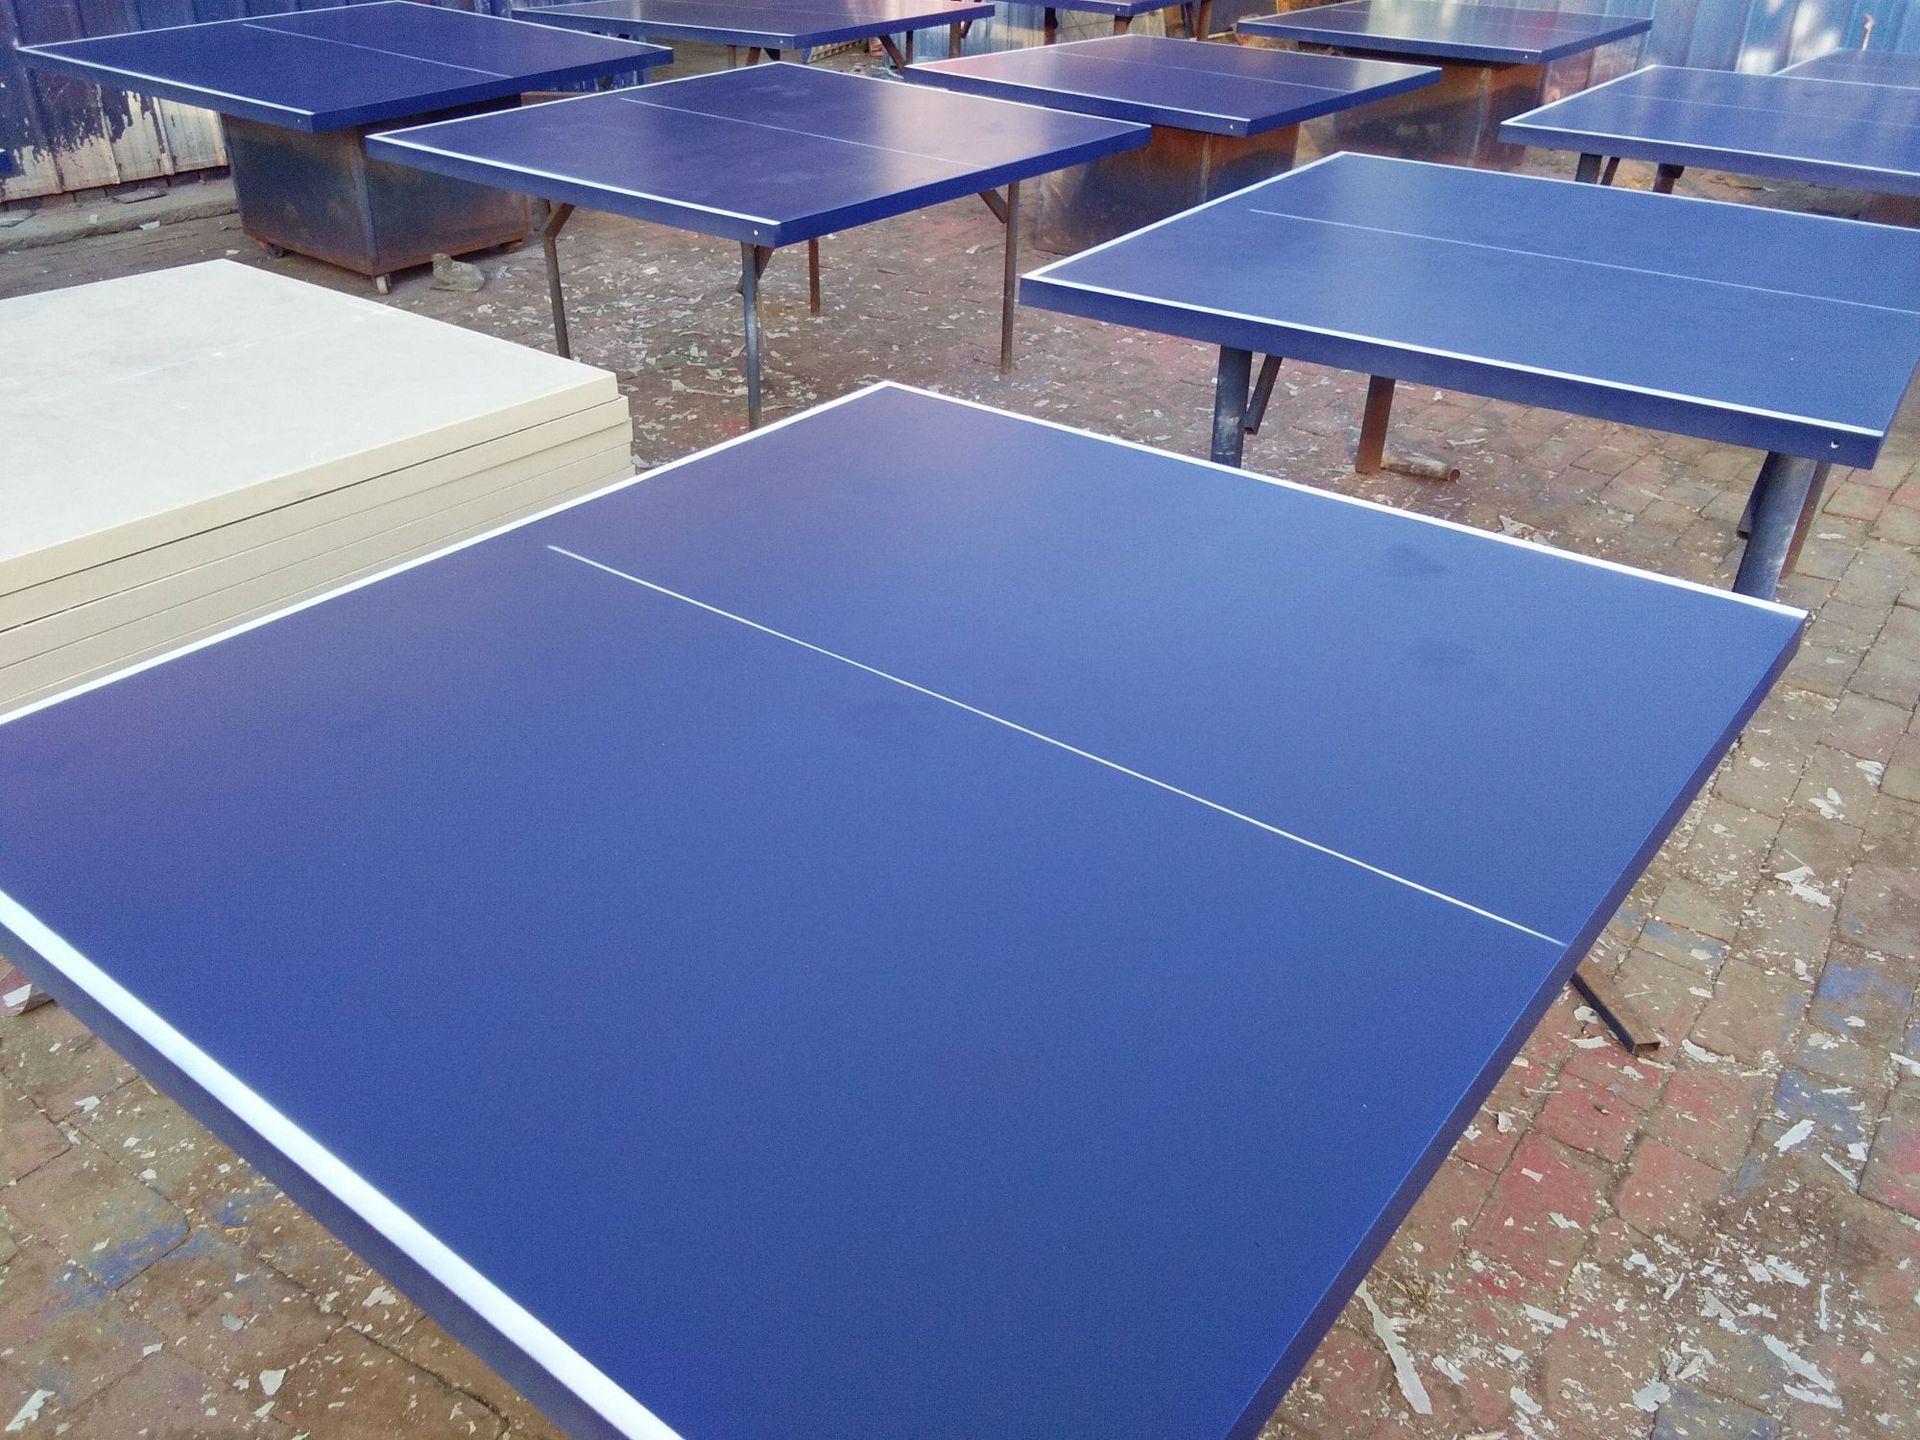 特价供应室内可移动乒乓球桌 家用标准乒乓球台 物美价廉售后无忧示例图28